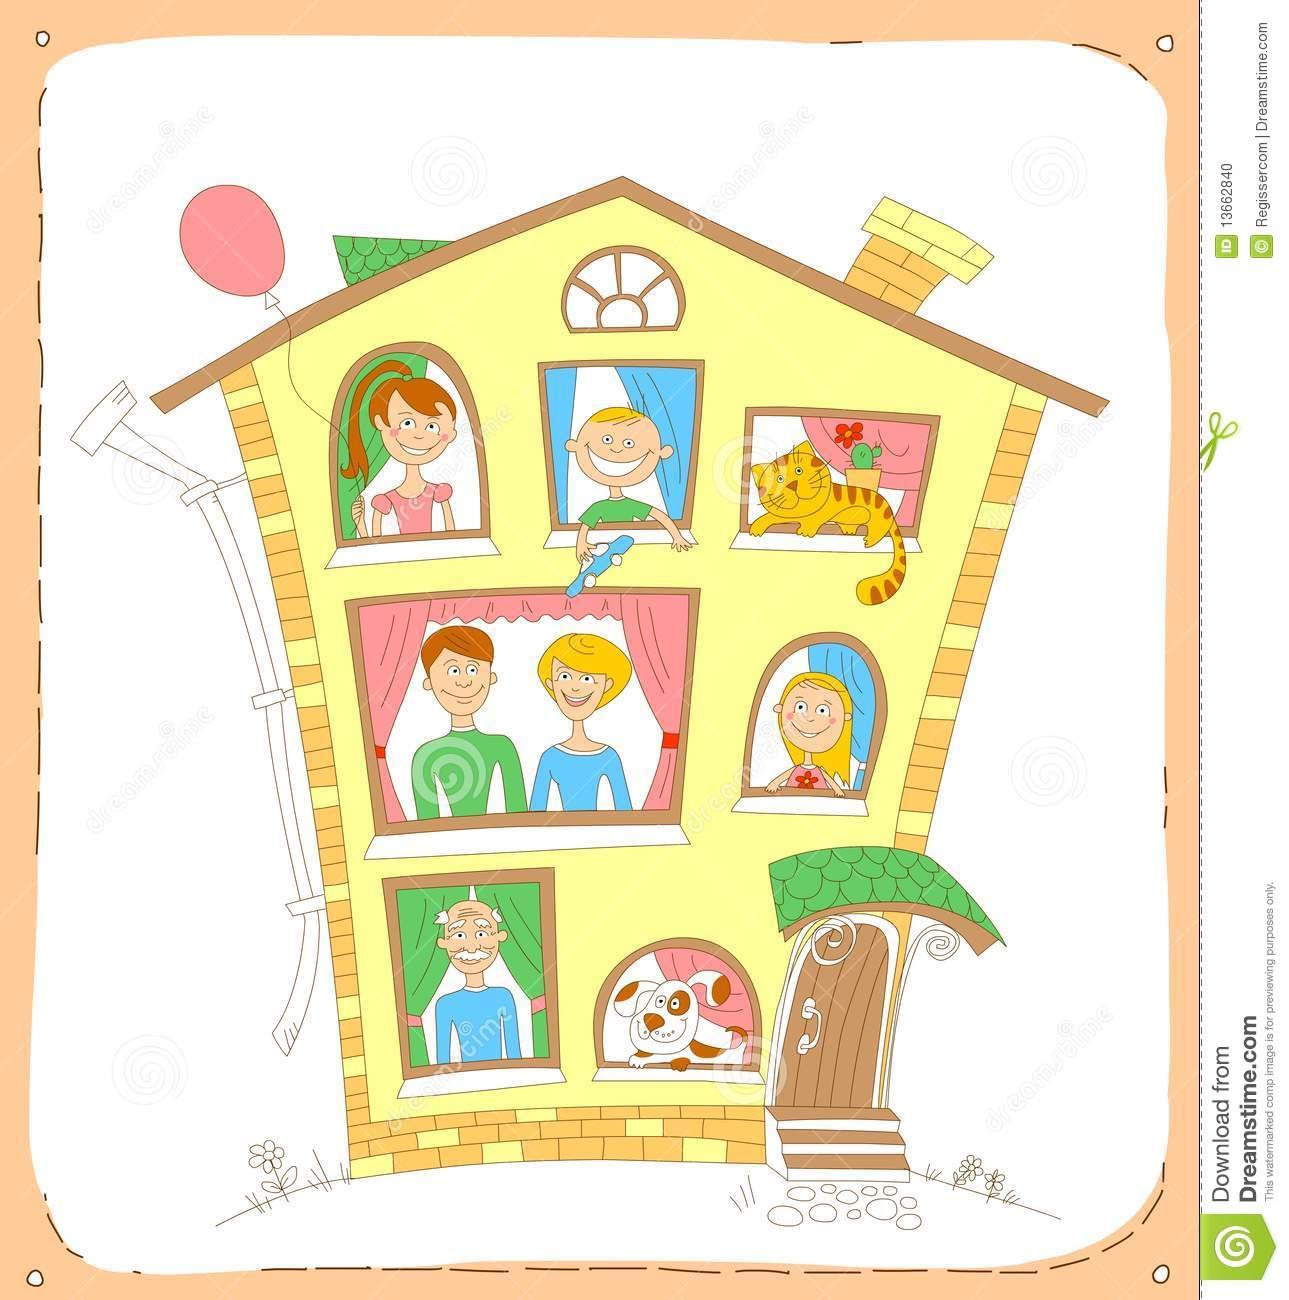 Familie haus clipart jpg download Familie haus clipart - ClipartFest jpg download